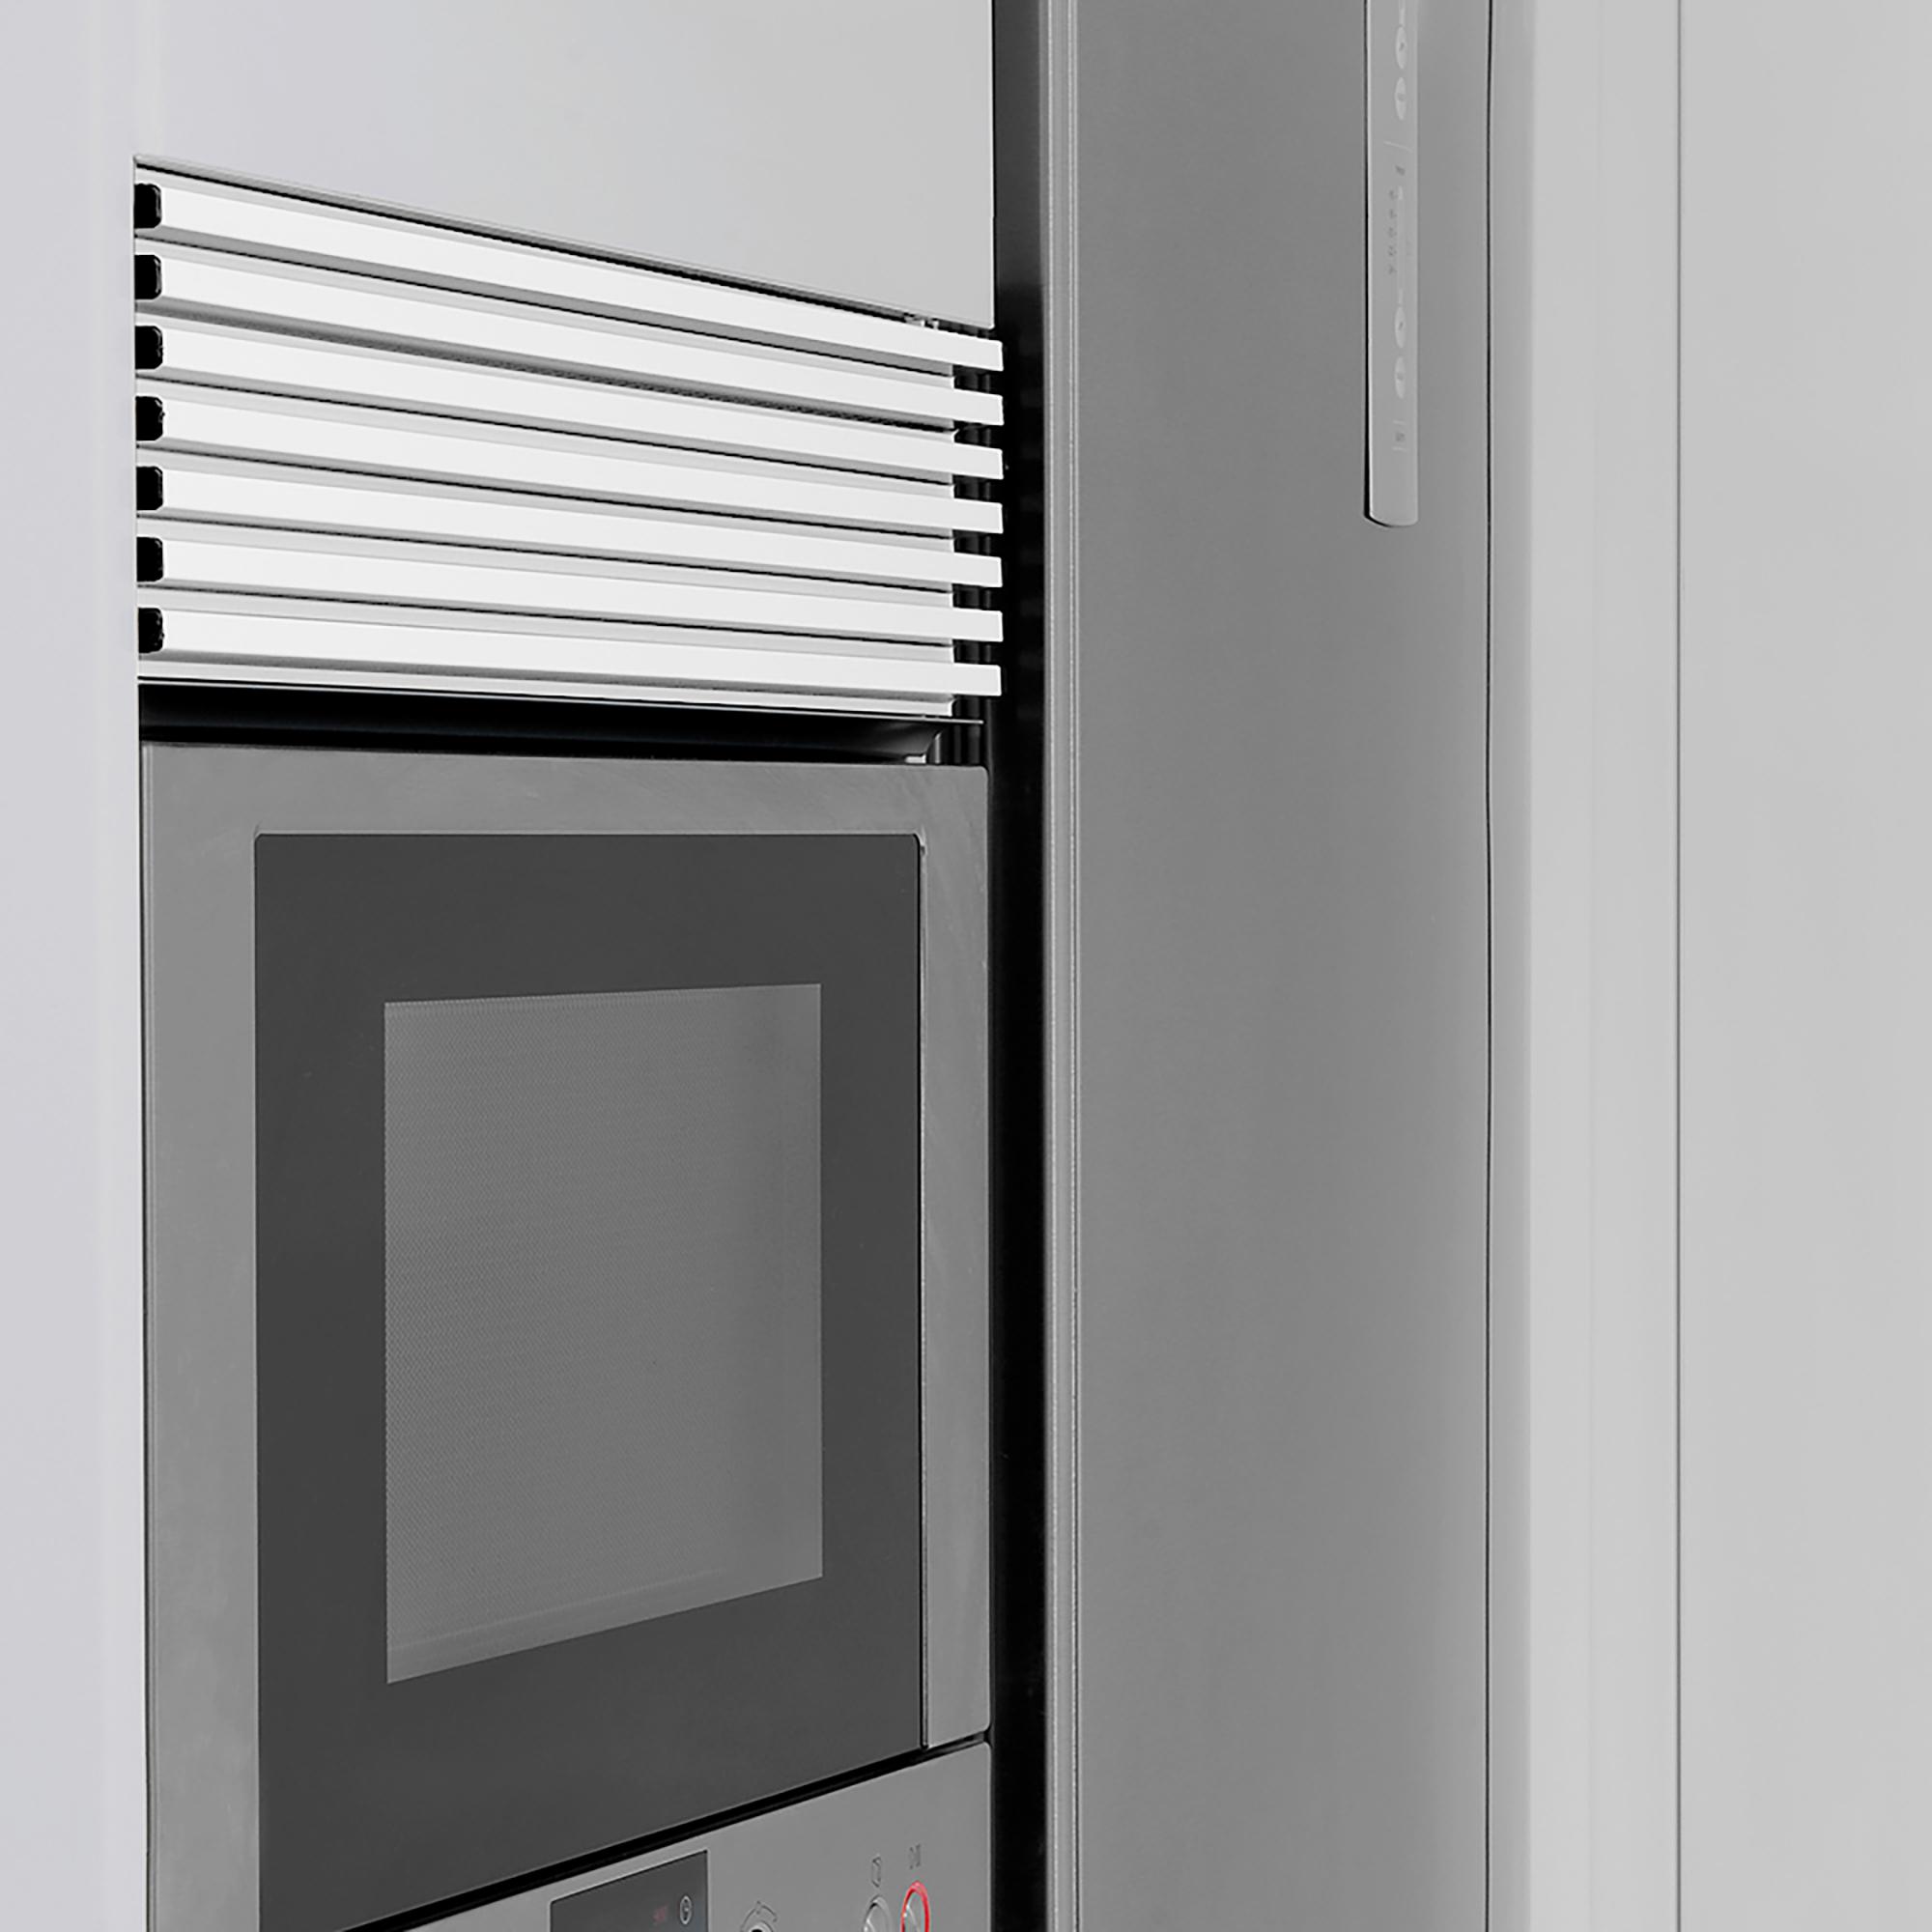 Emuca Griglia forno, modulo 600 mm, Alluminio, Anodizzato opaco